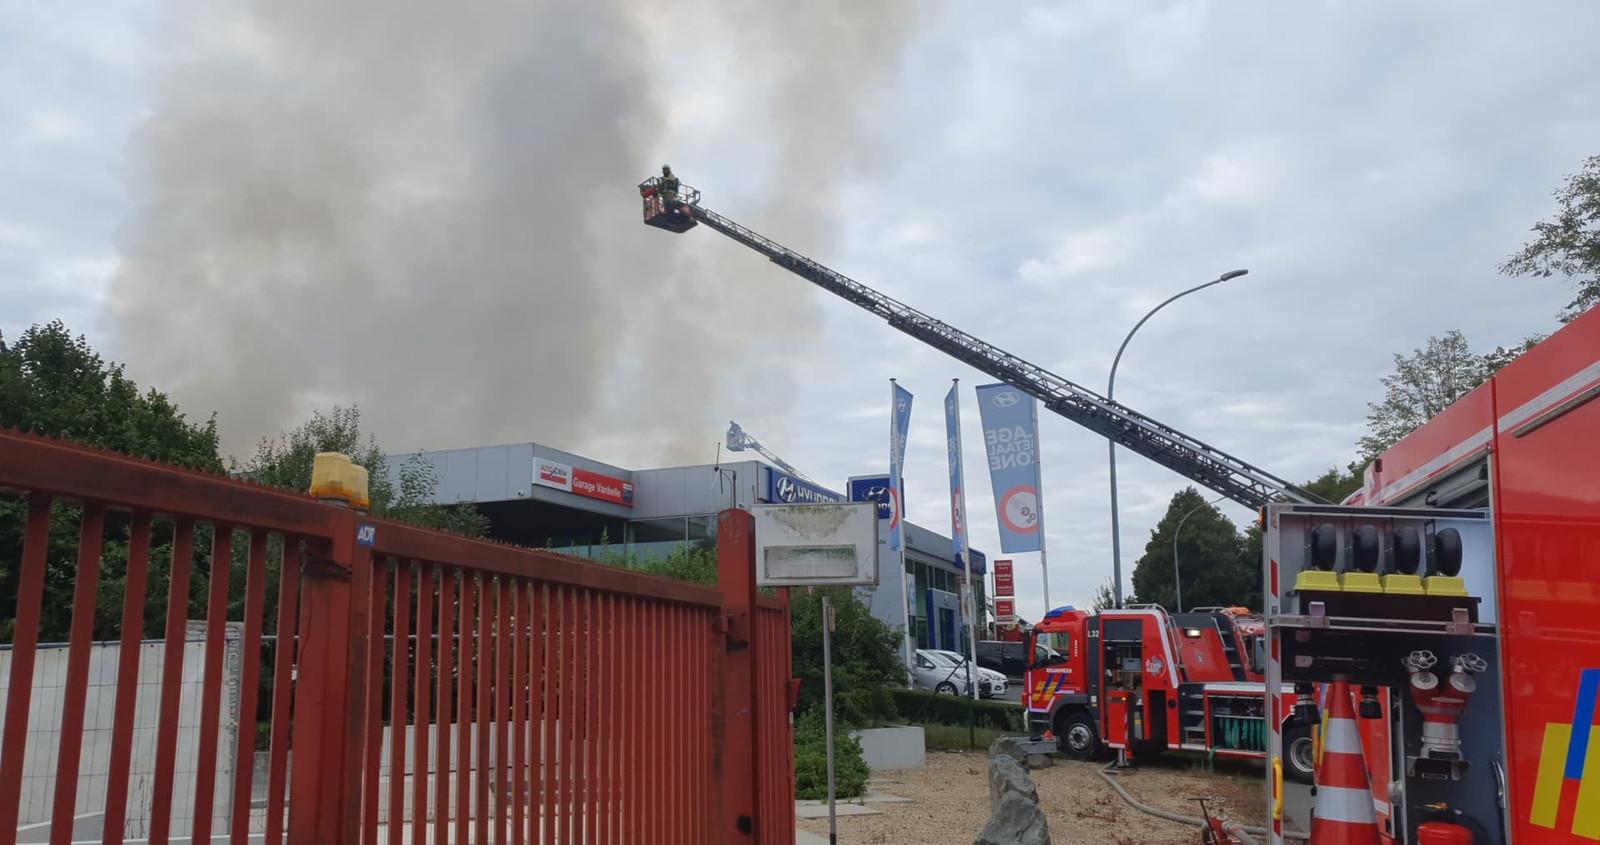 De brandweer probeert de showroom met man en macht te vrijwaren.